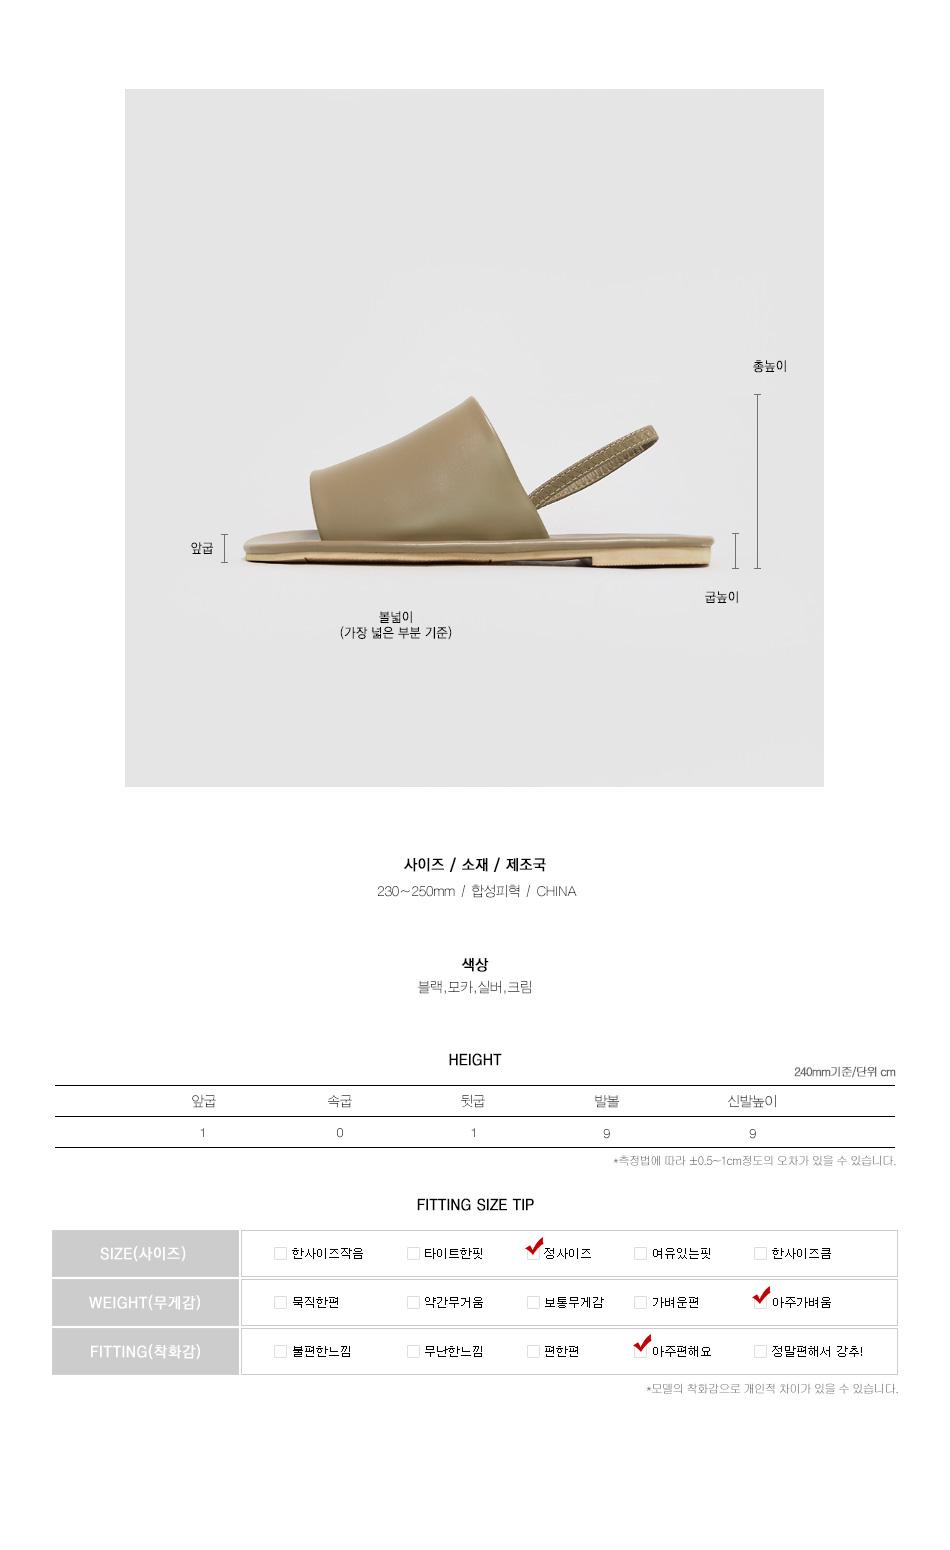 템드 와이드 슬링백 샌들 상품정보